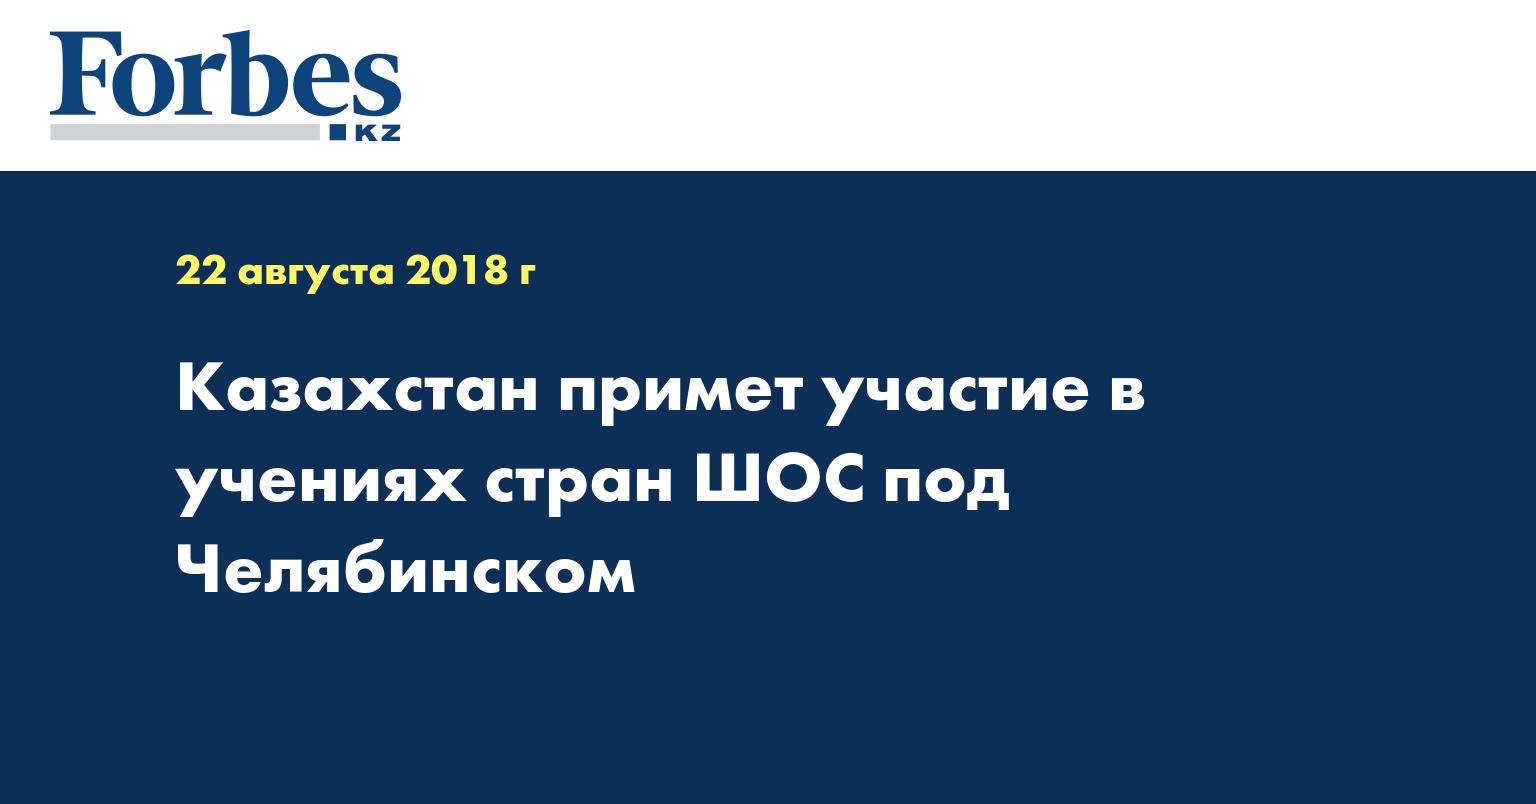 Казахстан примет участие в учениях стран ШОС под Челябинском